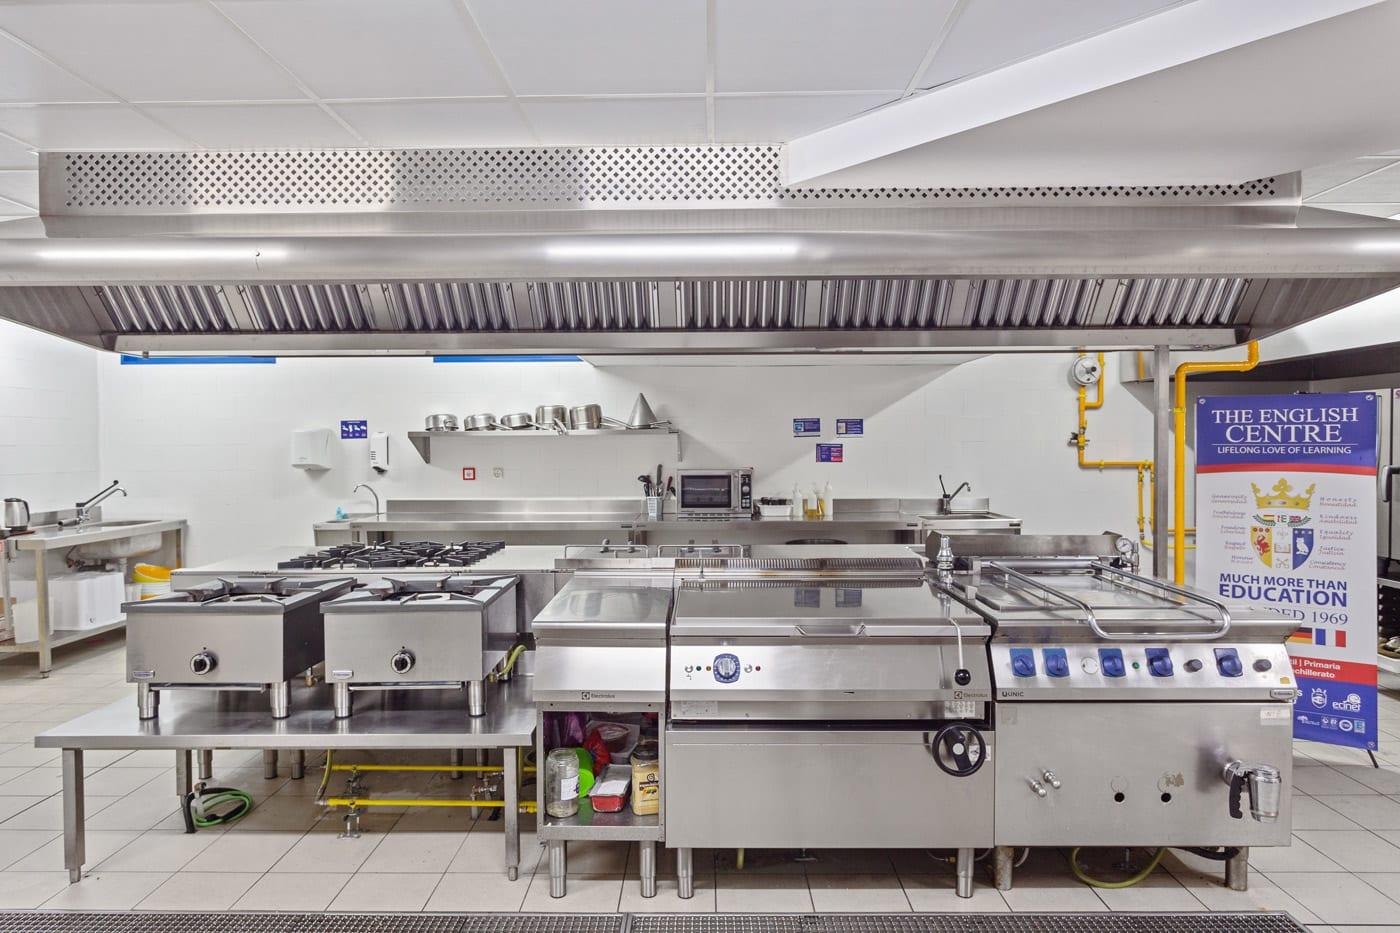 Colegio el Centro Inglés - cocina equipada con Electrolux